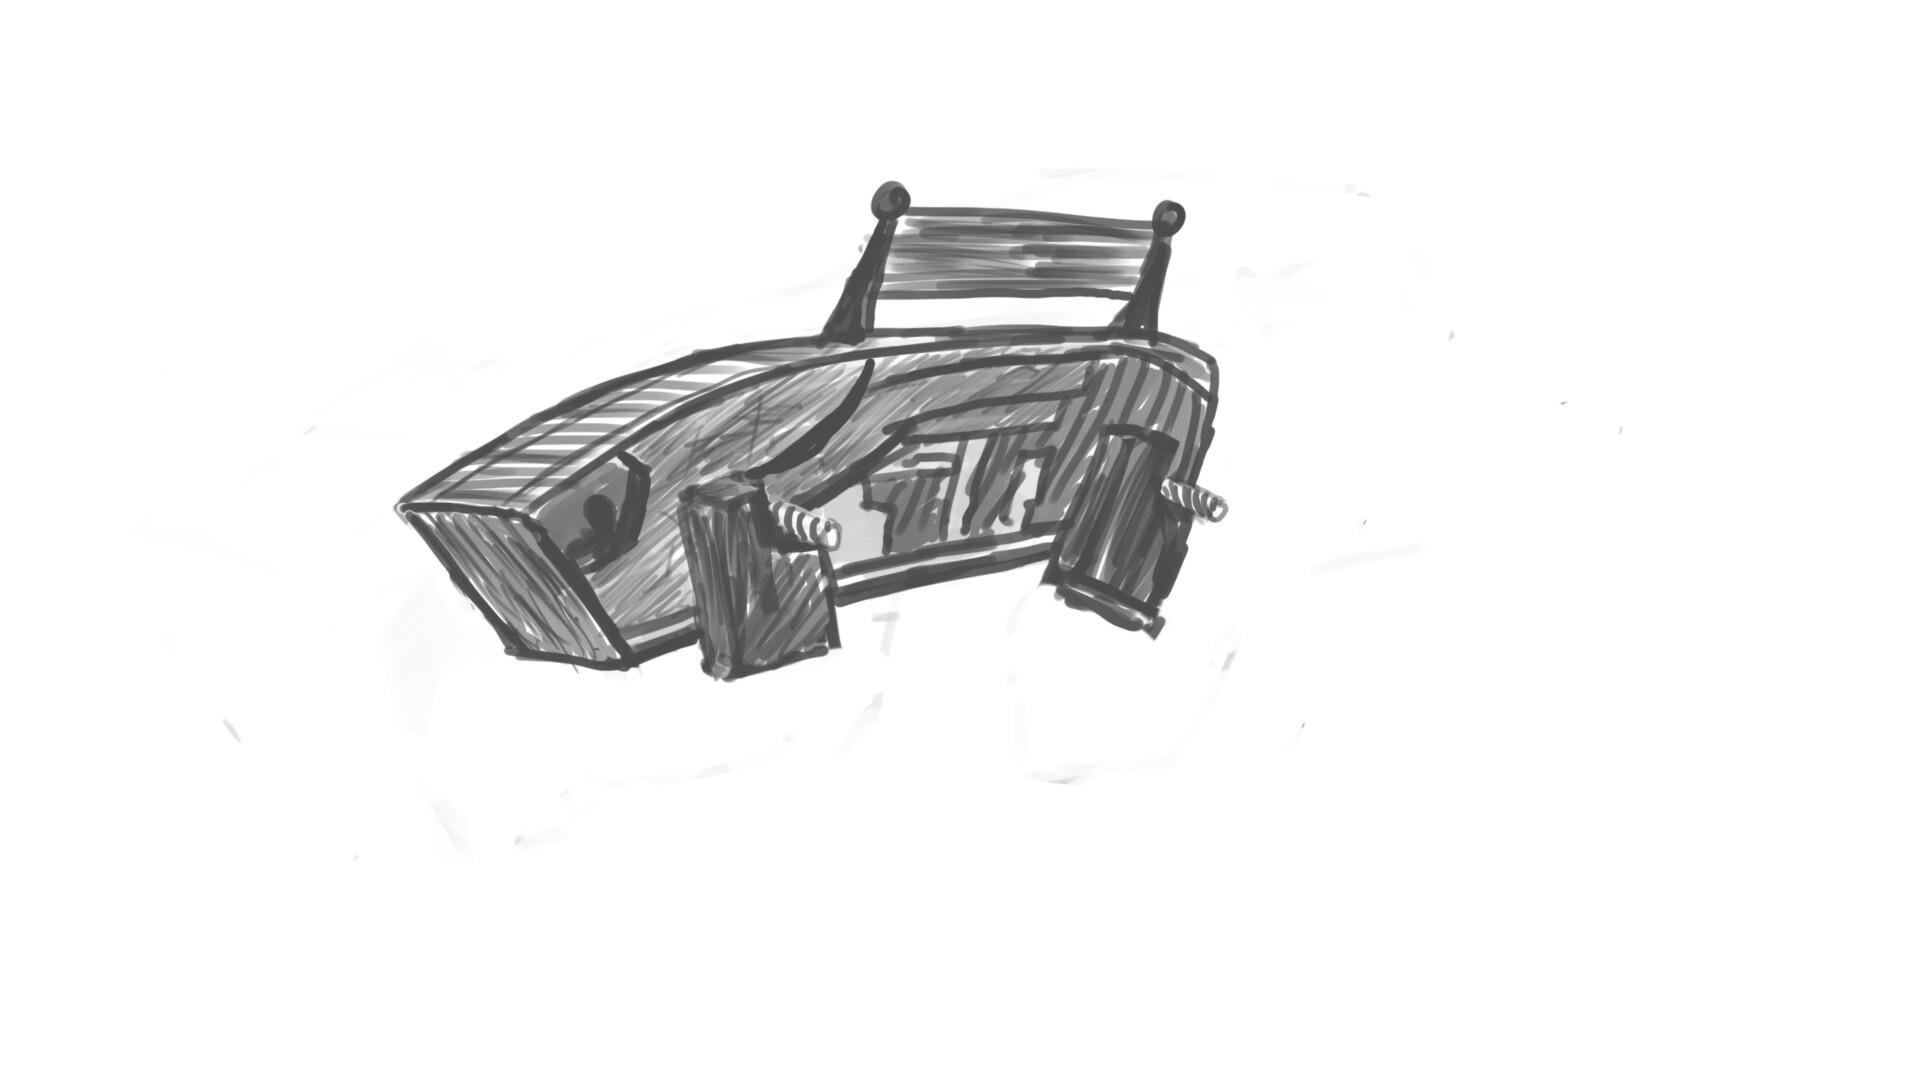 Alexander laheij drawing10 45